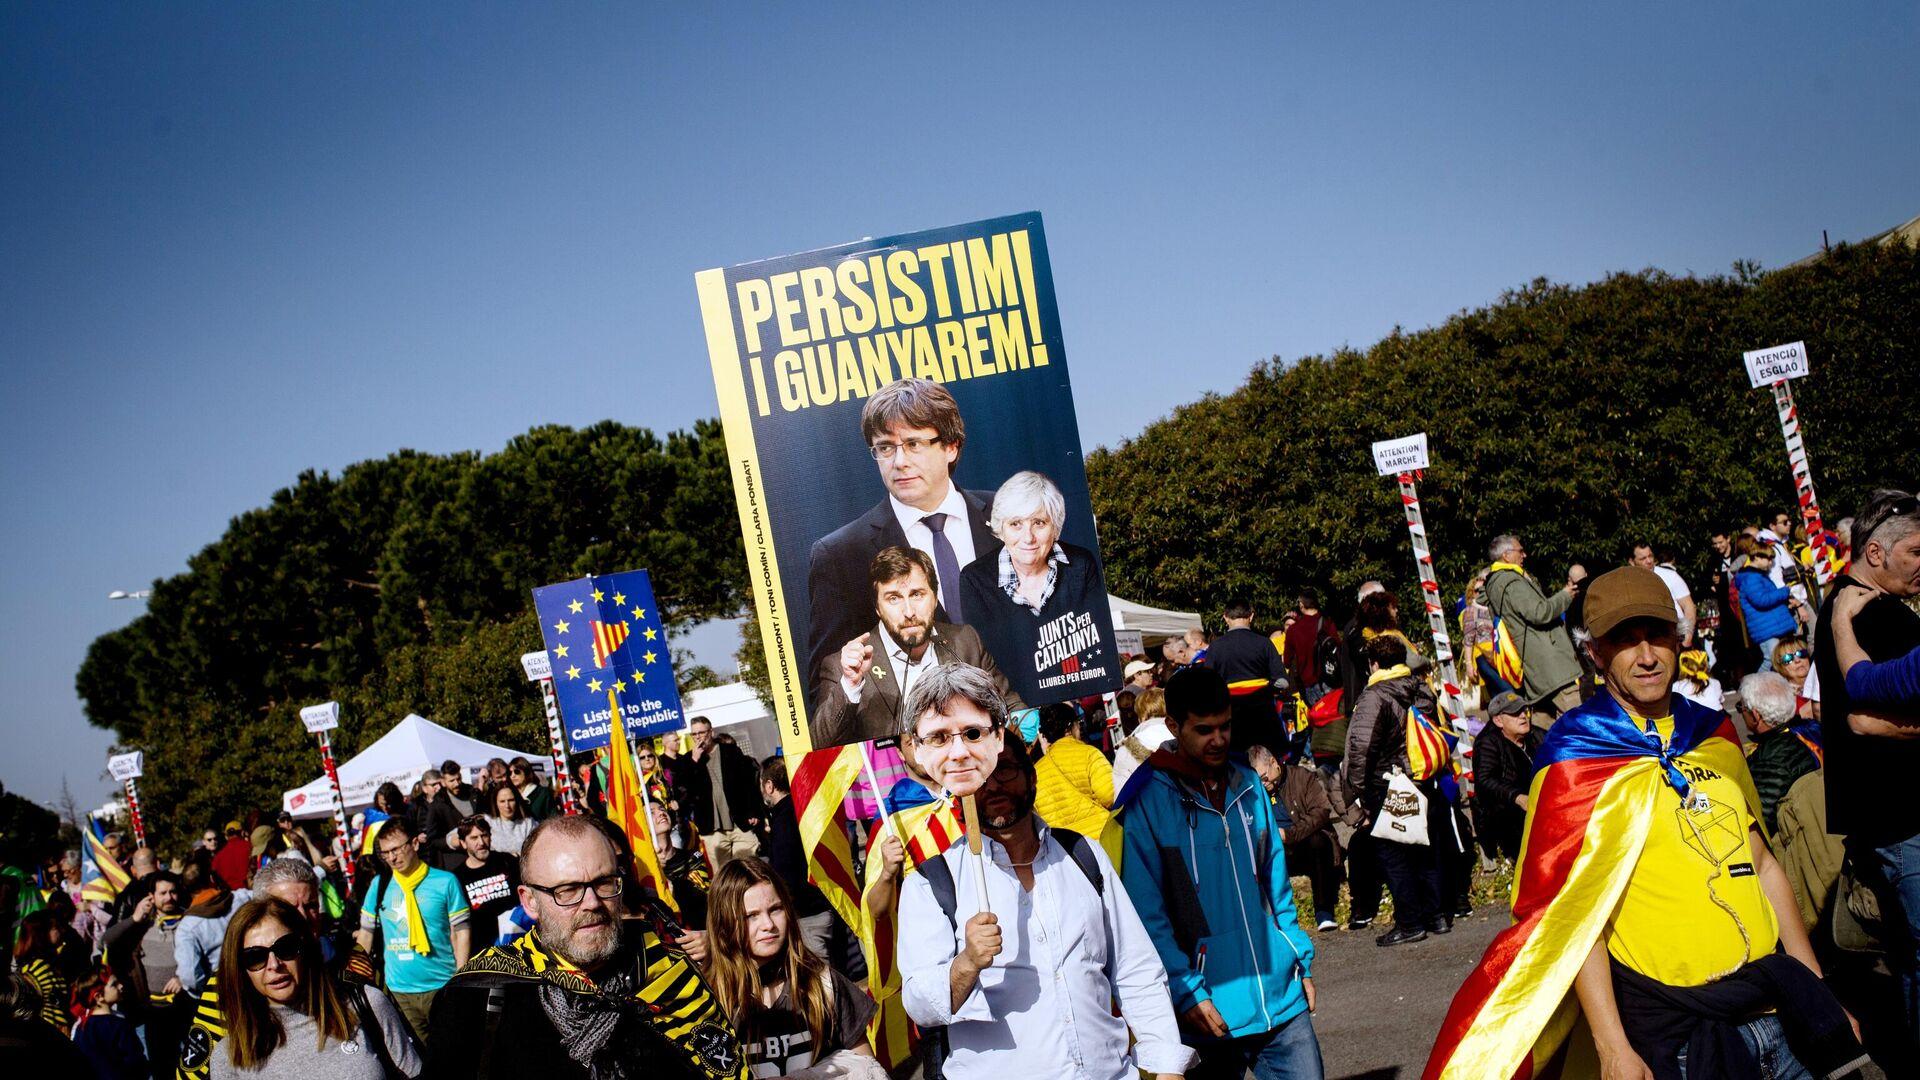 Сторонники независимости Каталонии на митинге в Перпиньяне во Франции - РИА Новости, 1920, 29.10.2020